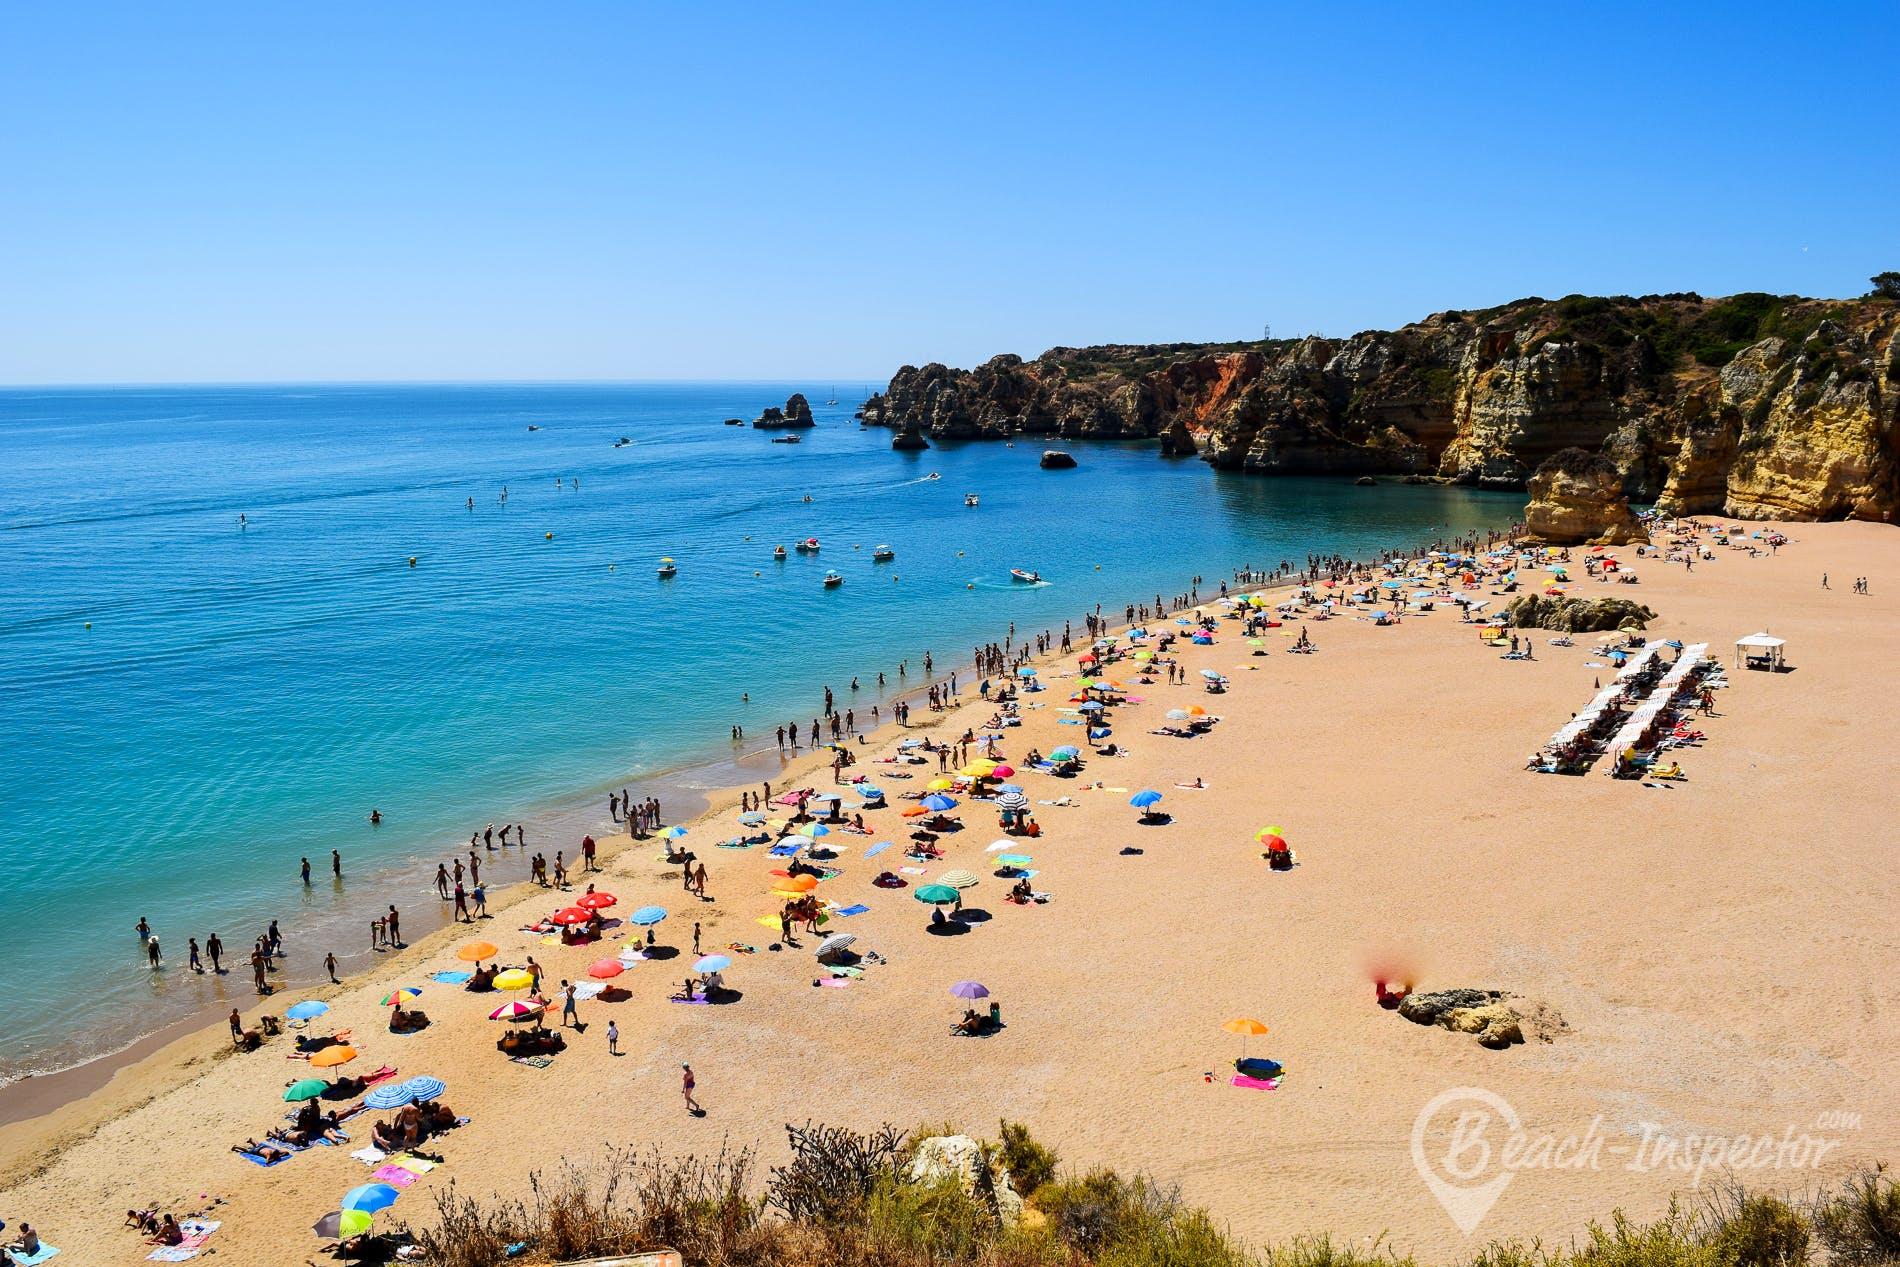 Beach Praia Dona Ana, Algarve, Portugal